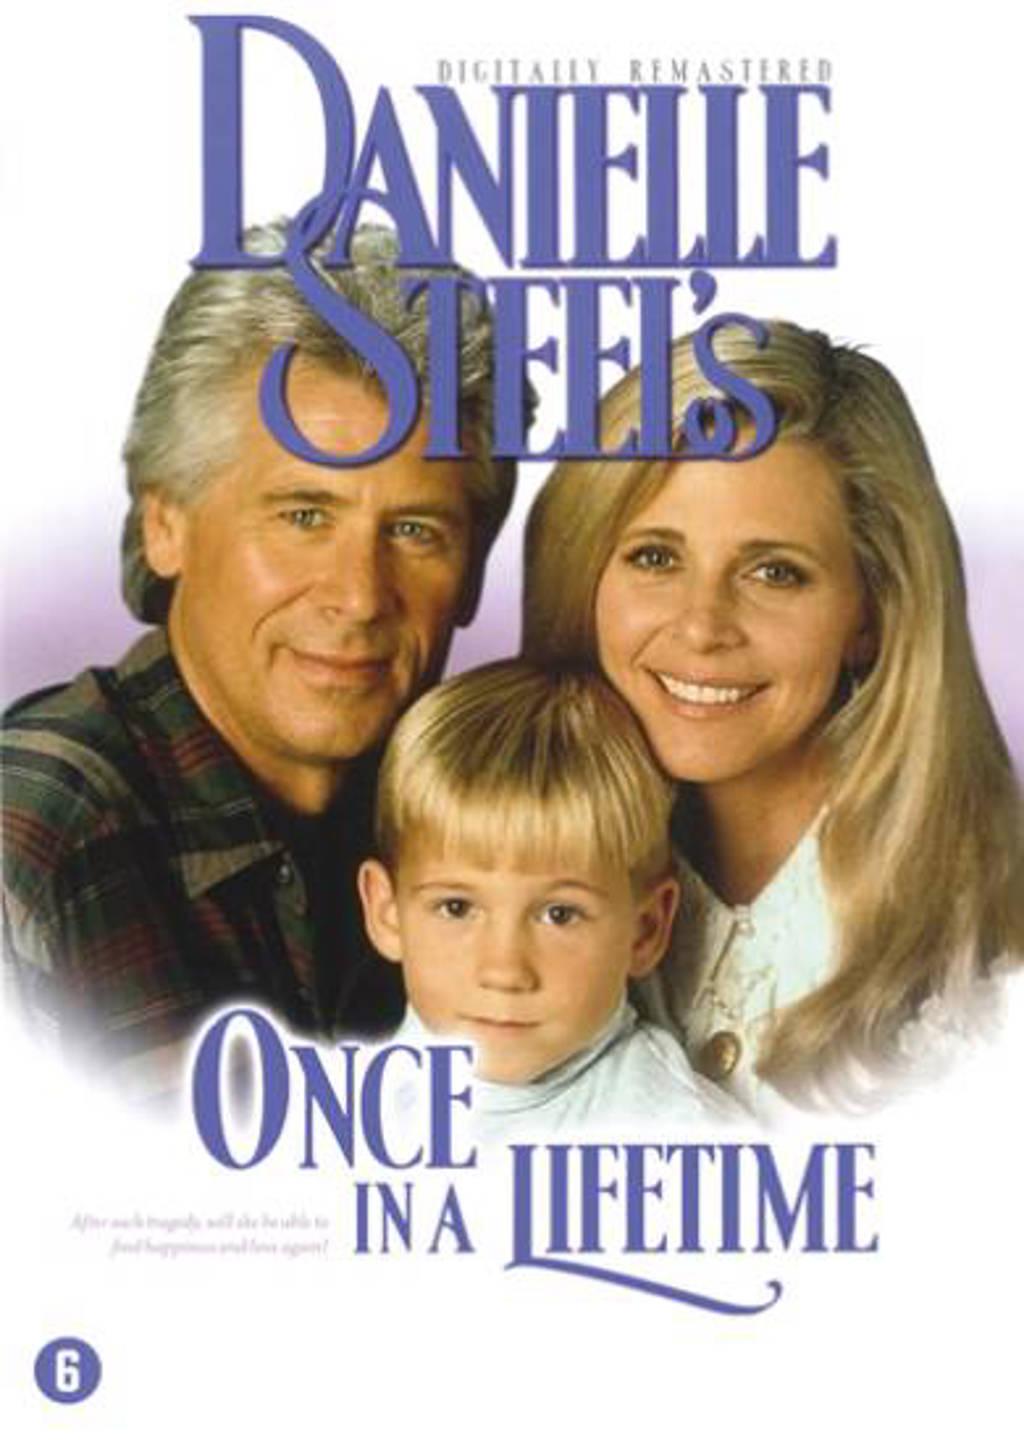 Danielle Steel - Once in a lifetime (DVD)